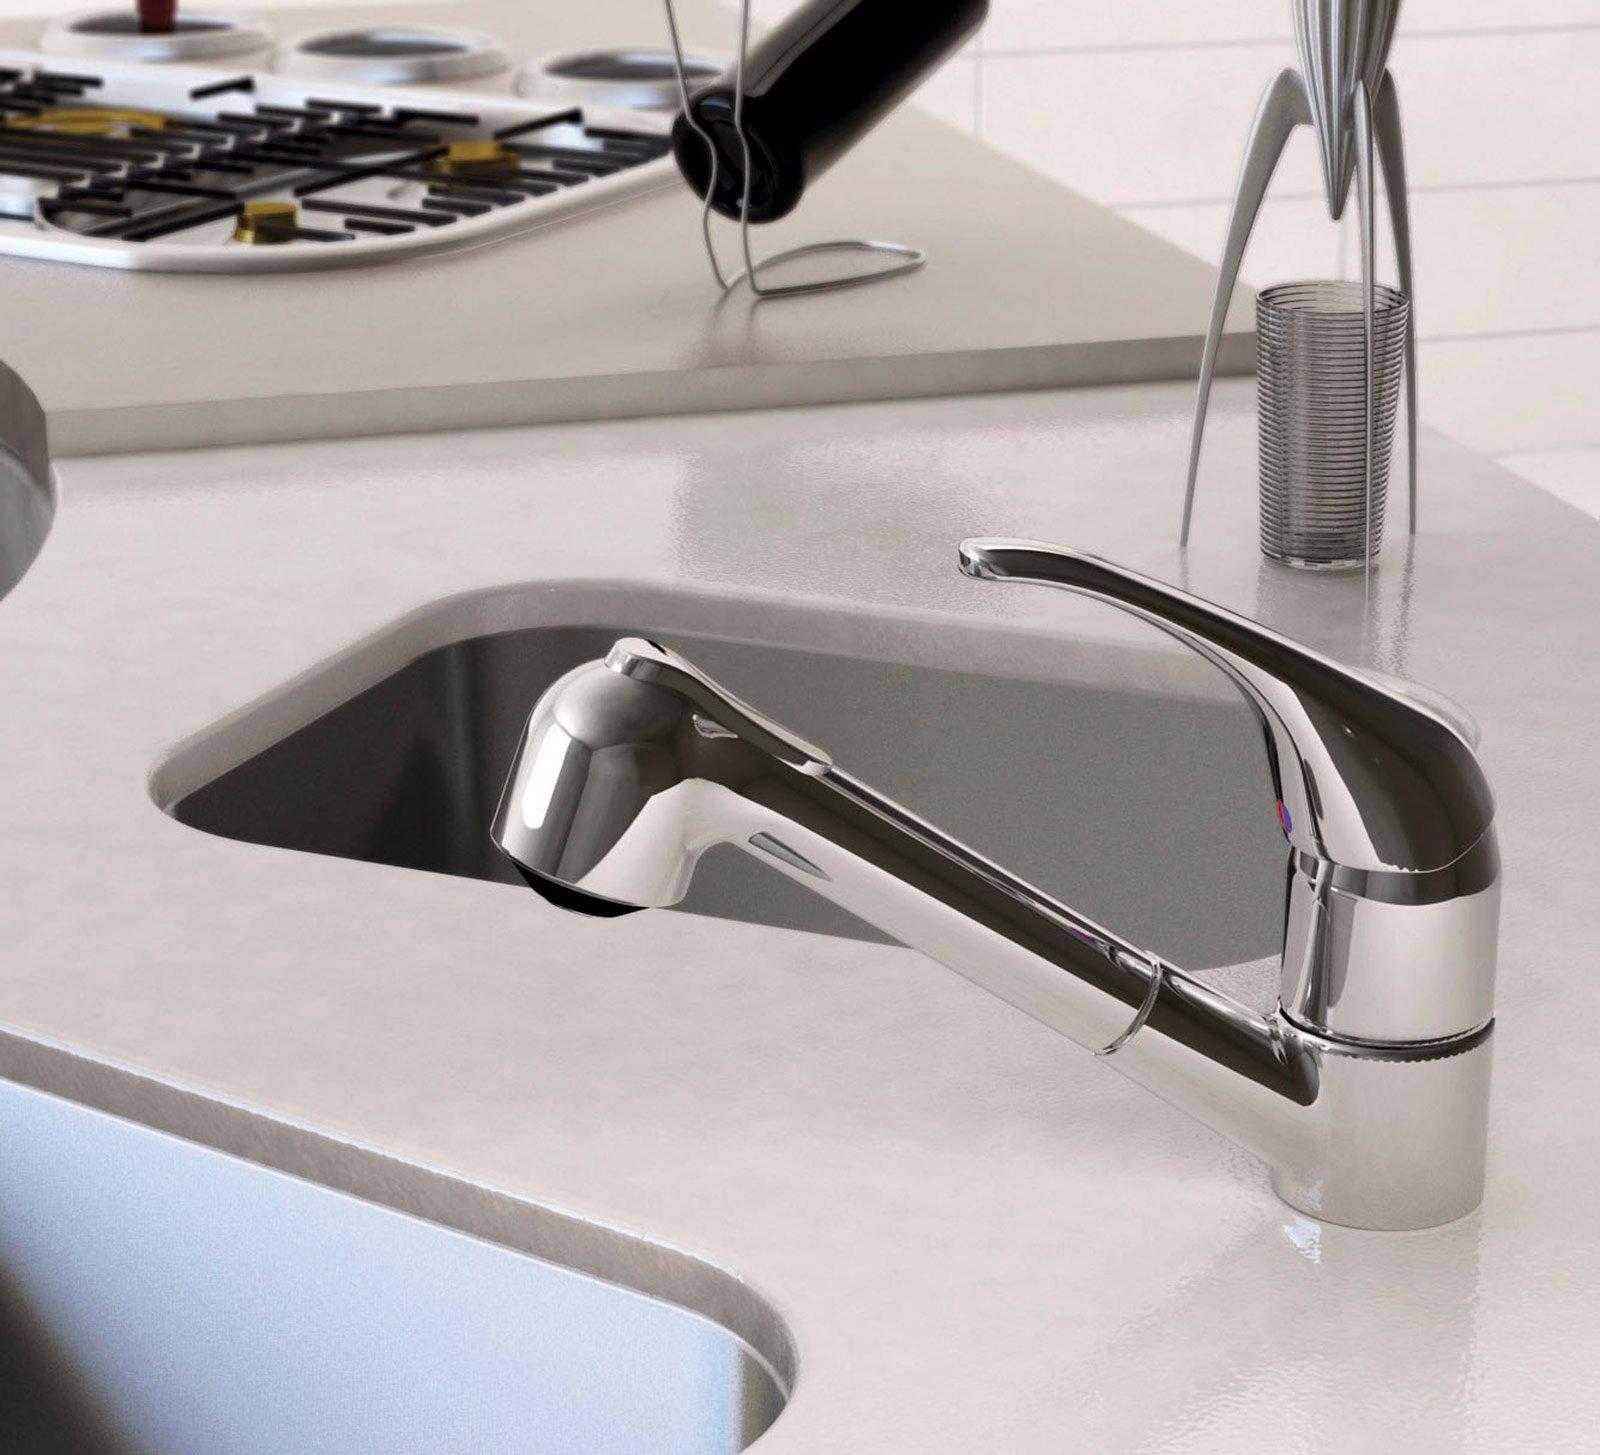 Cucina rubinetti per il lavello cose di casa - Rubinetto cucina ideal standard ...